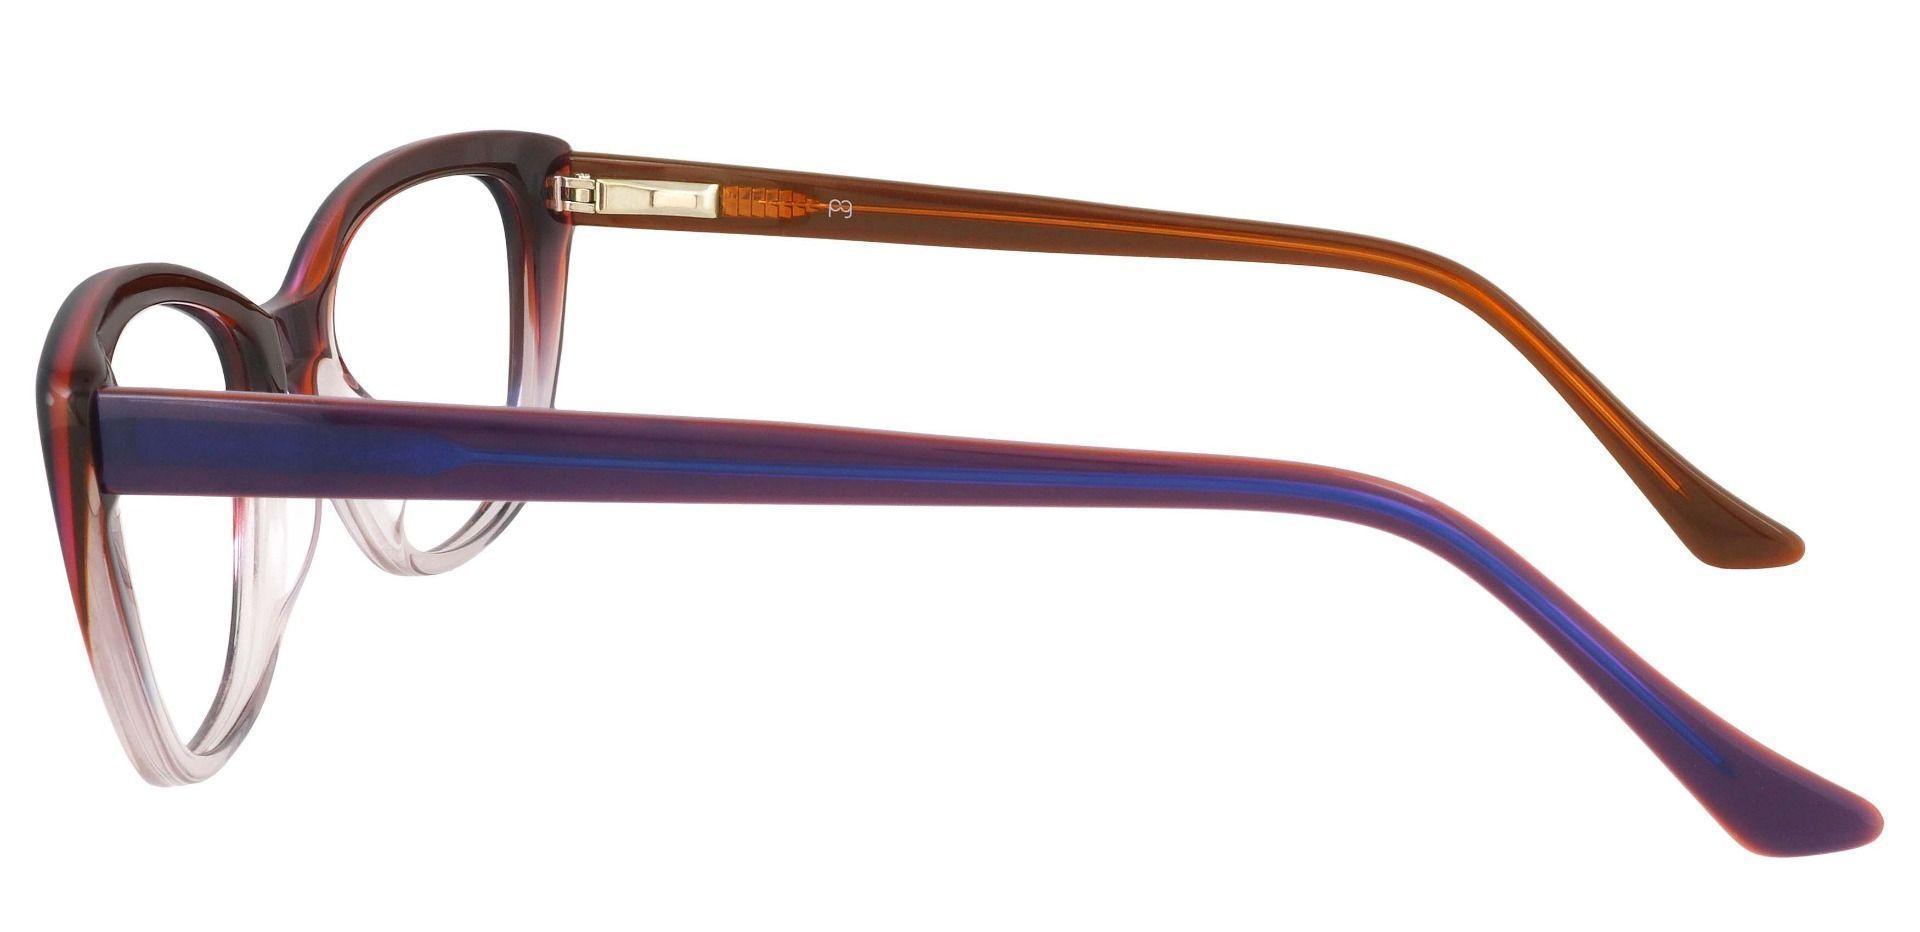 Athena Cat-Eye Prescription Glasses - Multi Color